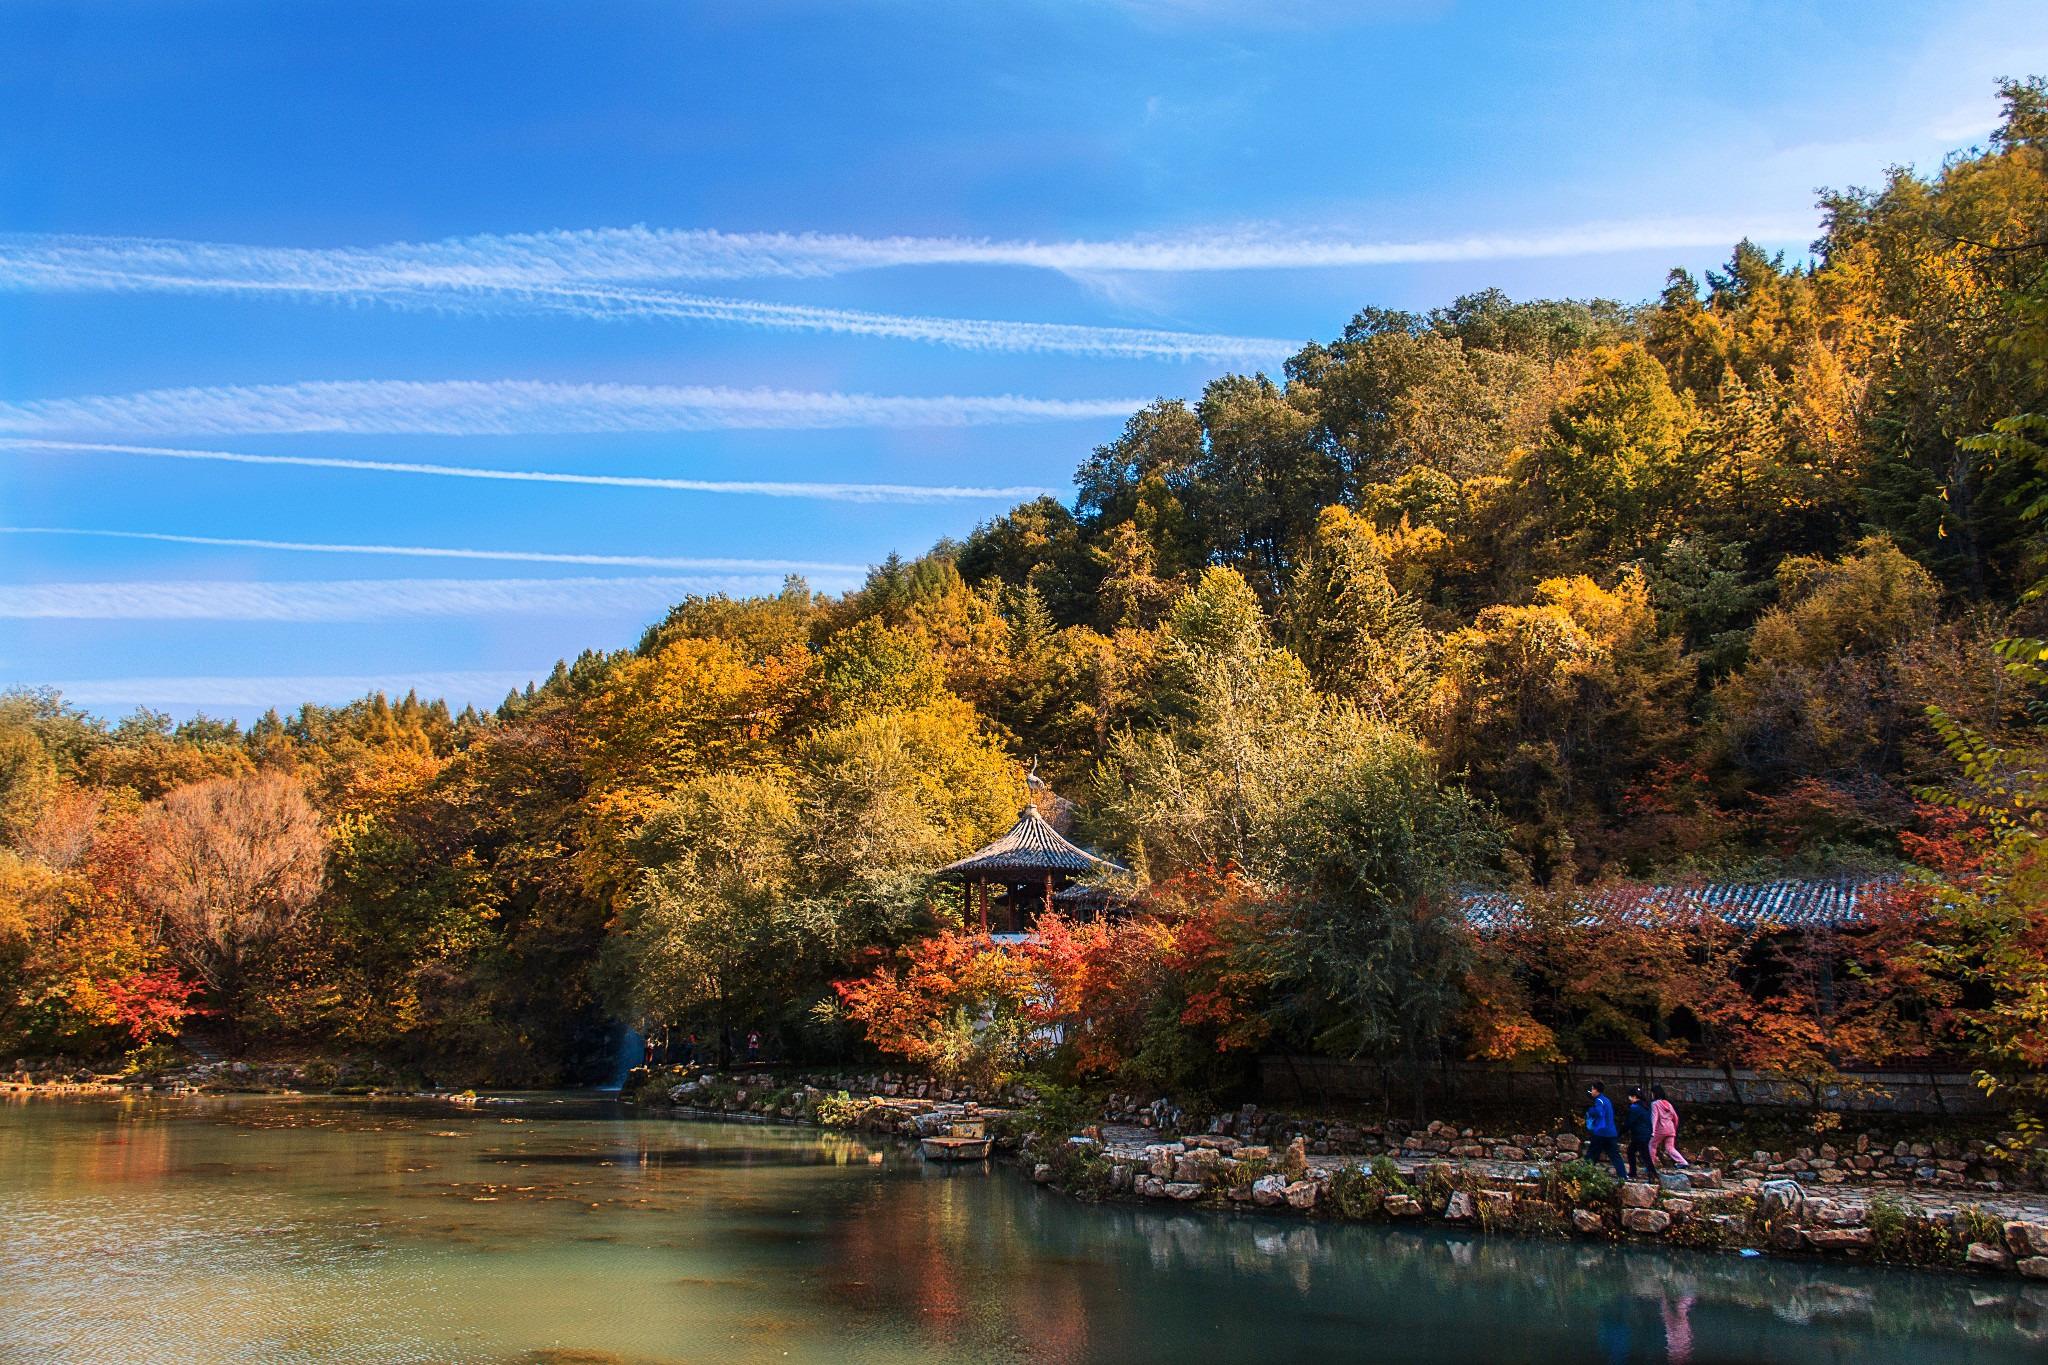 本溪水洞风景名胜区位于辽宁省本溪市所属的本溪县内,面积10.